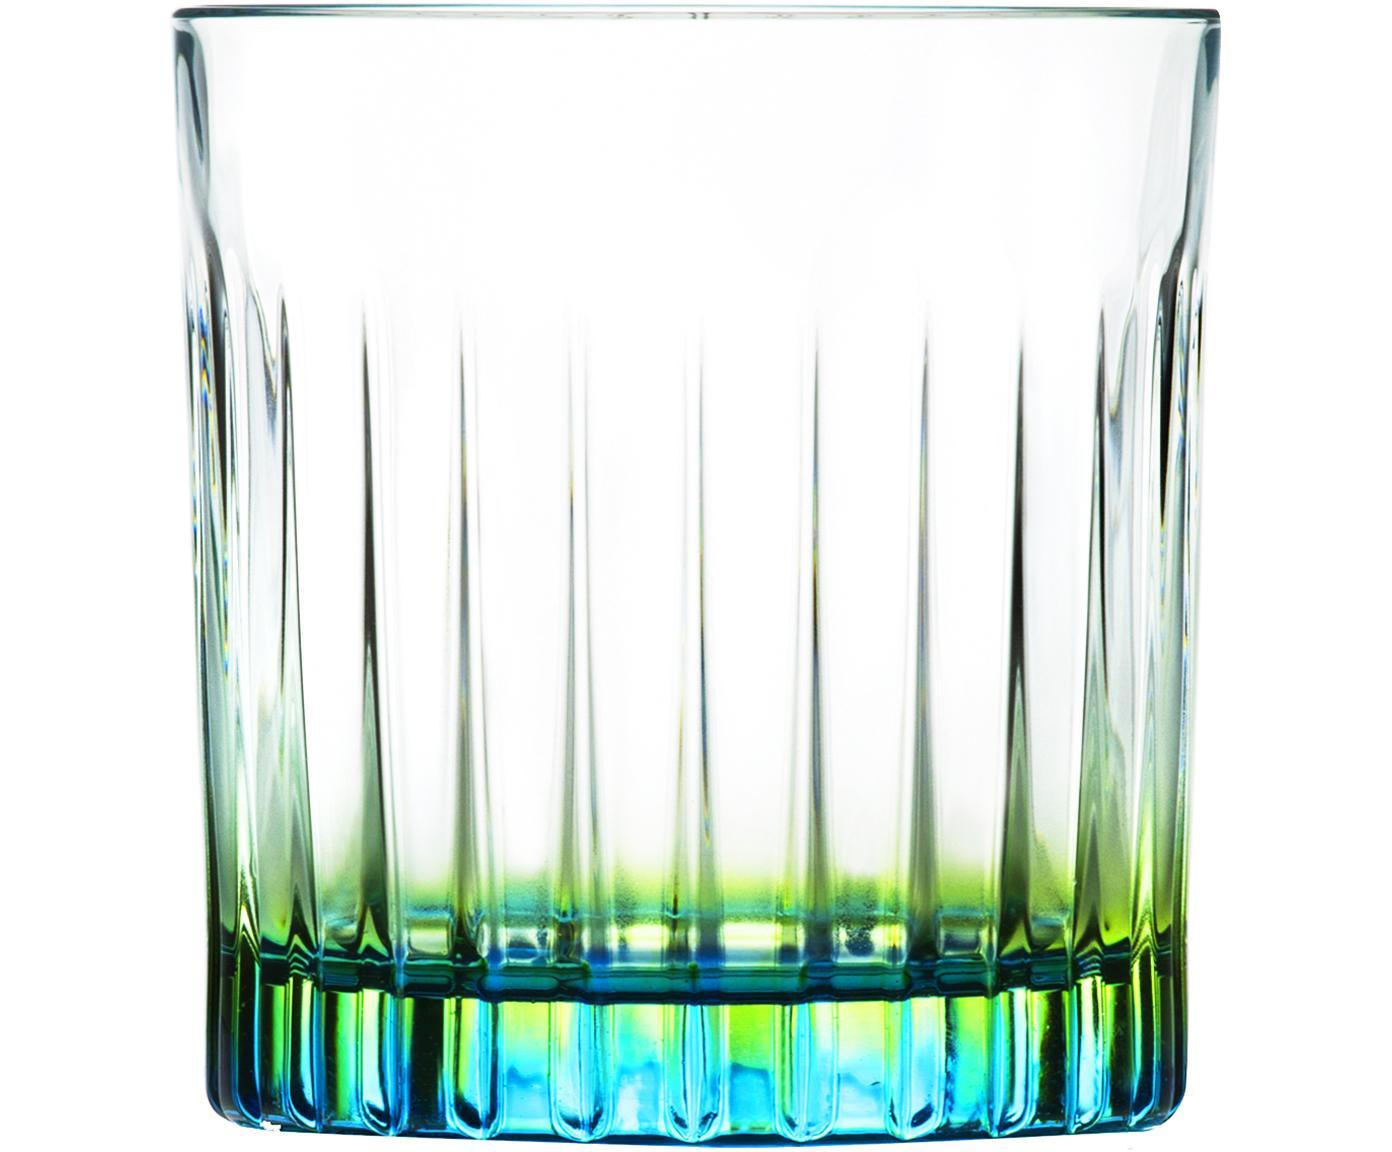 Kryształowa szklanka Gipsy, 6 szt., Szkło kryształowe, Transparentny, zielonożółty, turkusowy, Ø 8 x W 9 cm